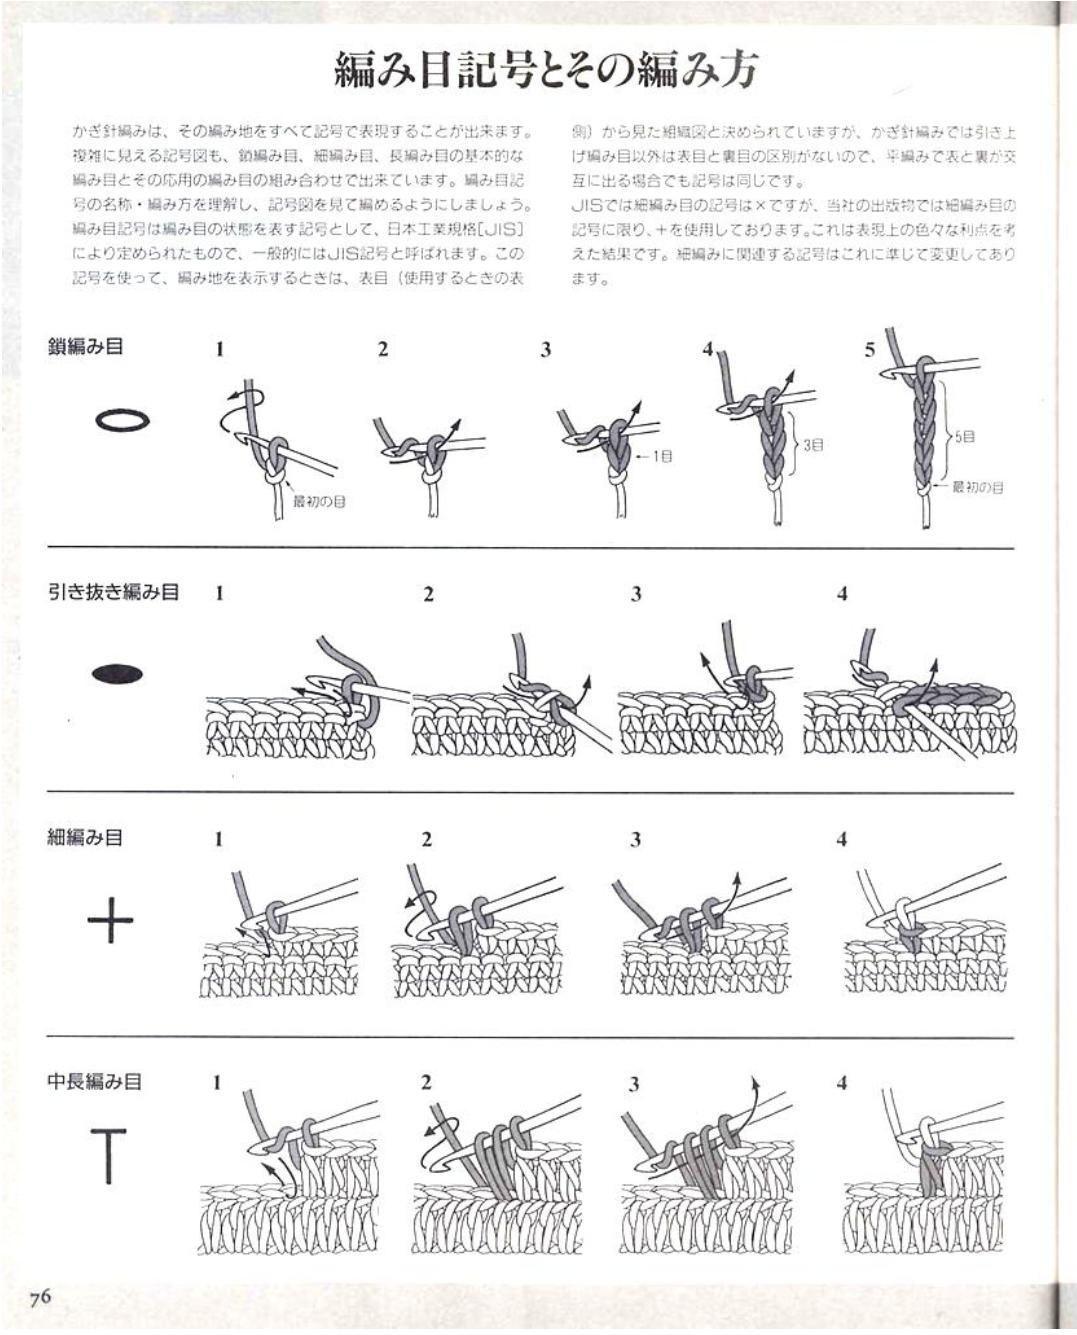 Lana y ganchillo: Interpretar patrones japoneses | Aguja e hilo ...